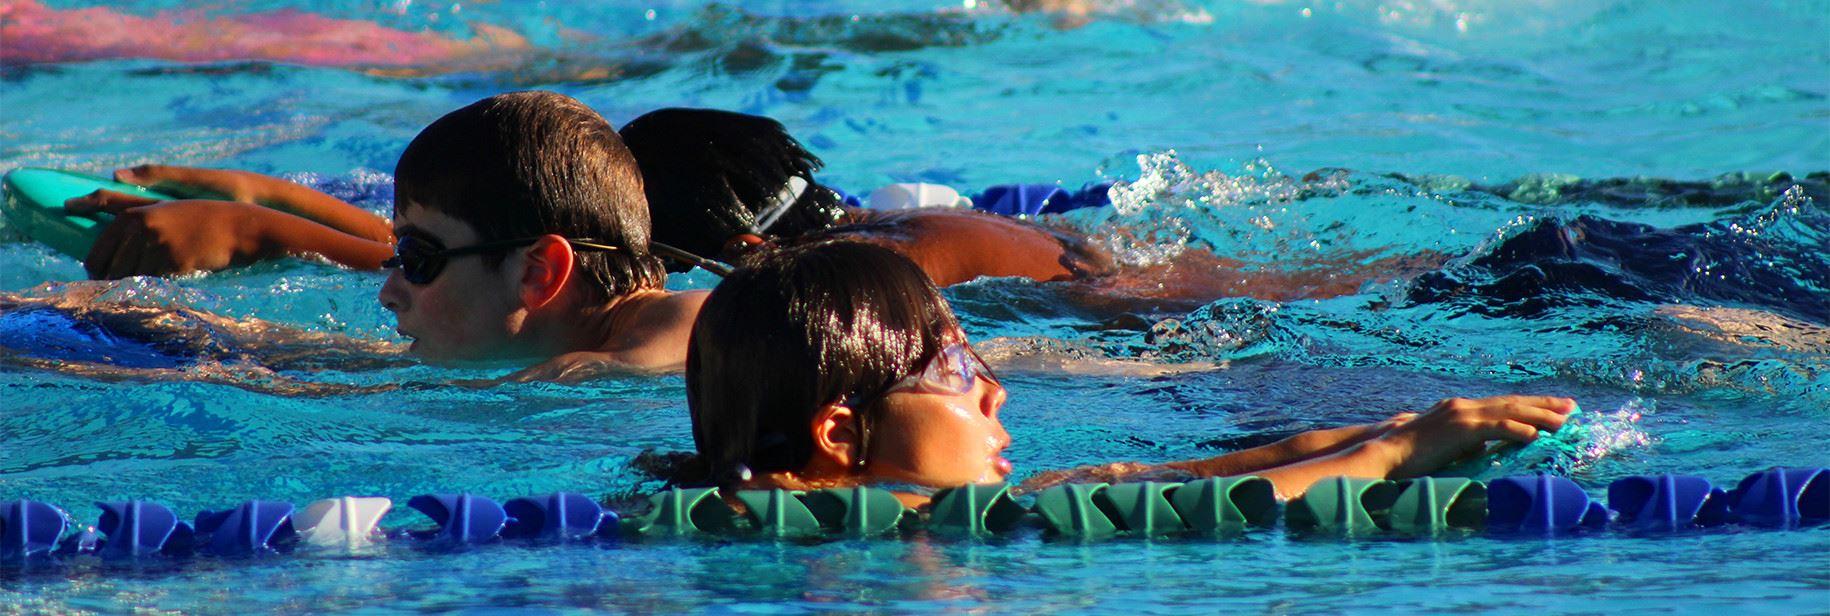 recreation programs u0026 information el cerrito ca official website